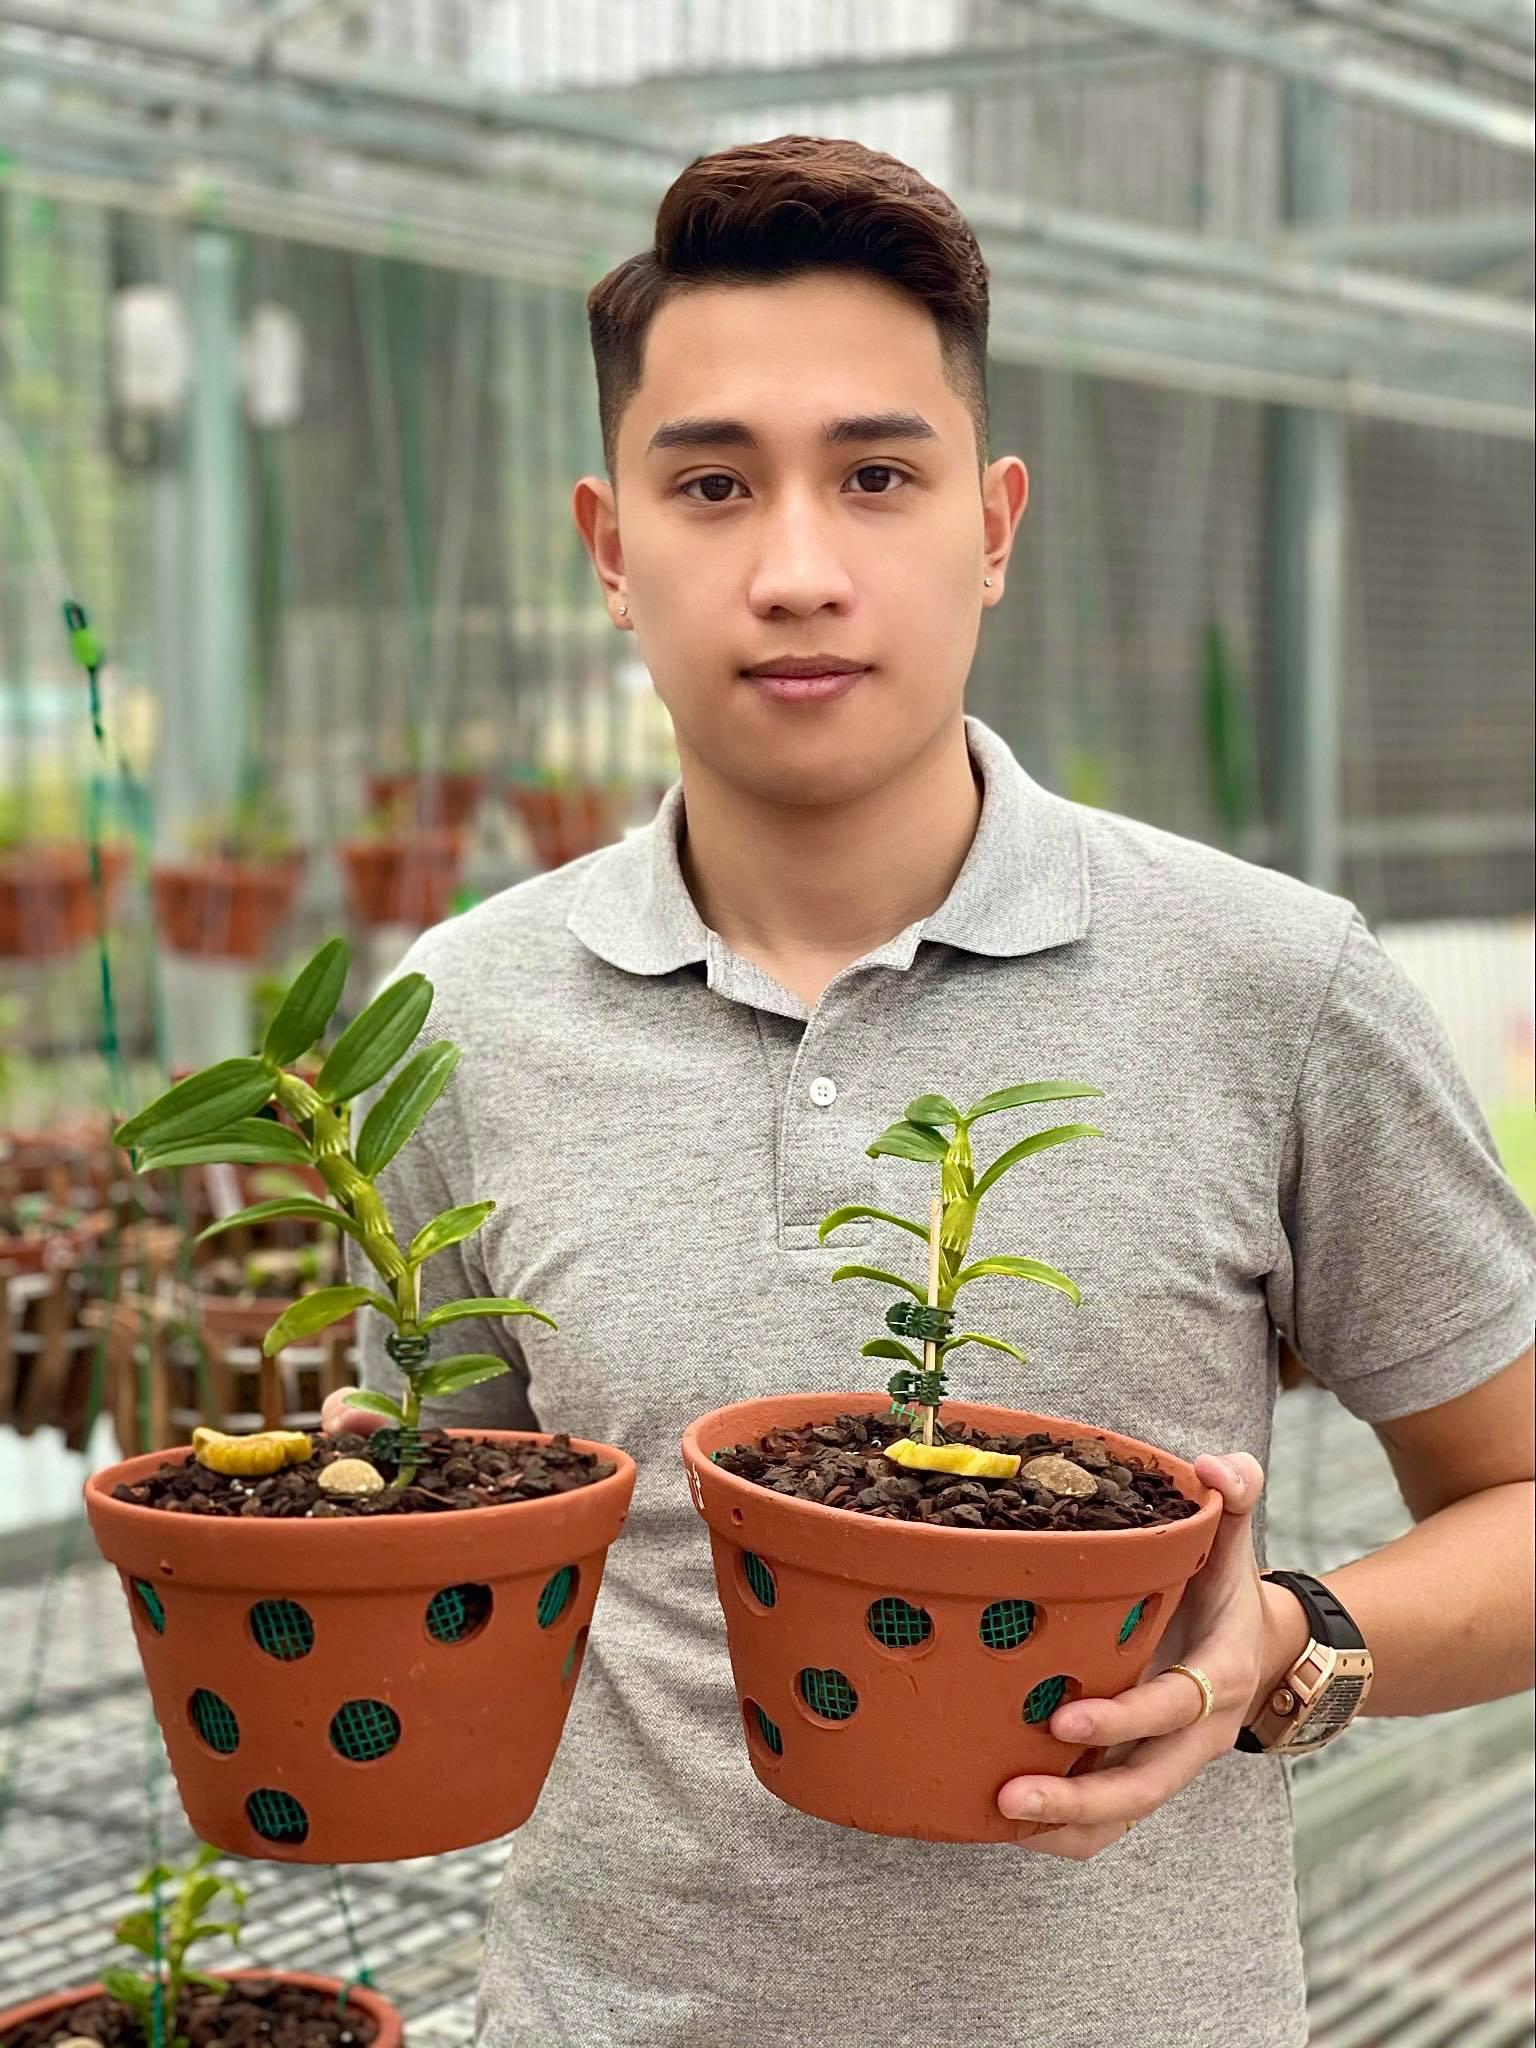 Ông chủ vườn lan 9X Trần Hồ Quang chia sẻ cơ duyên, được quý nhân giúp đỡ - Ảnh 1